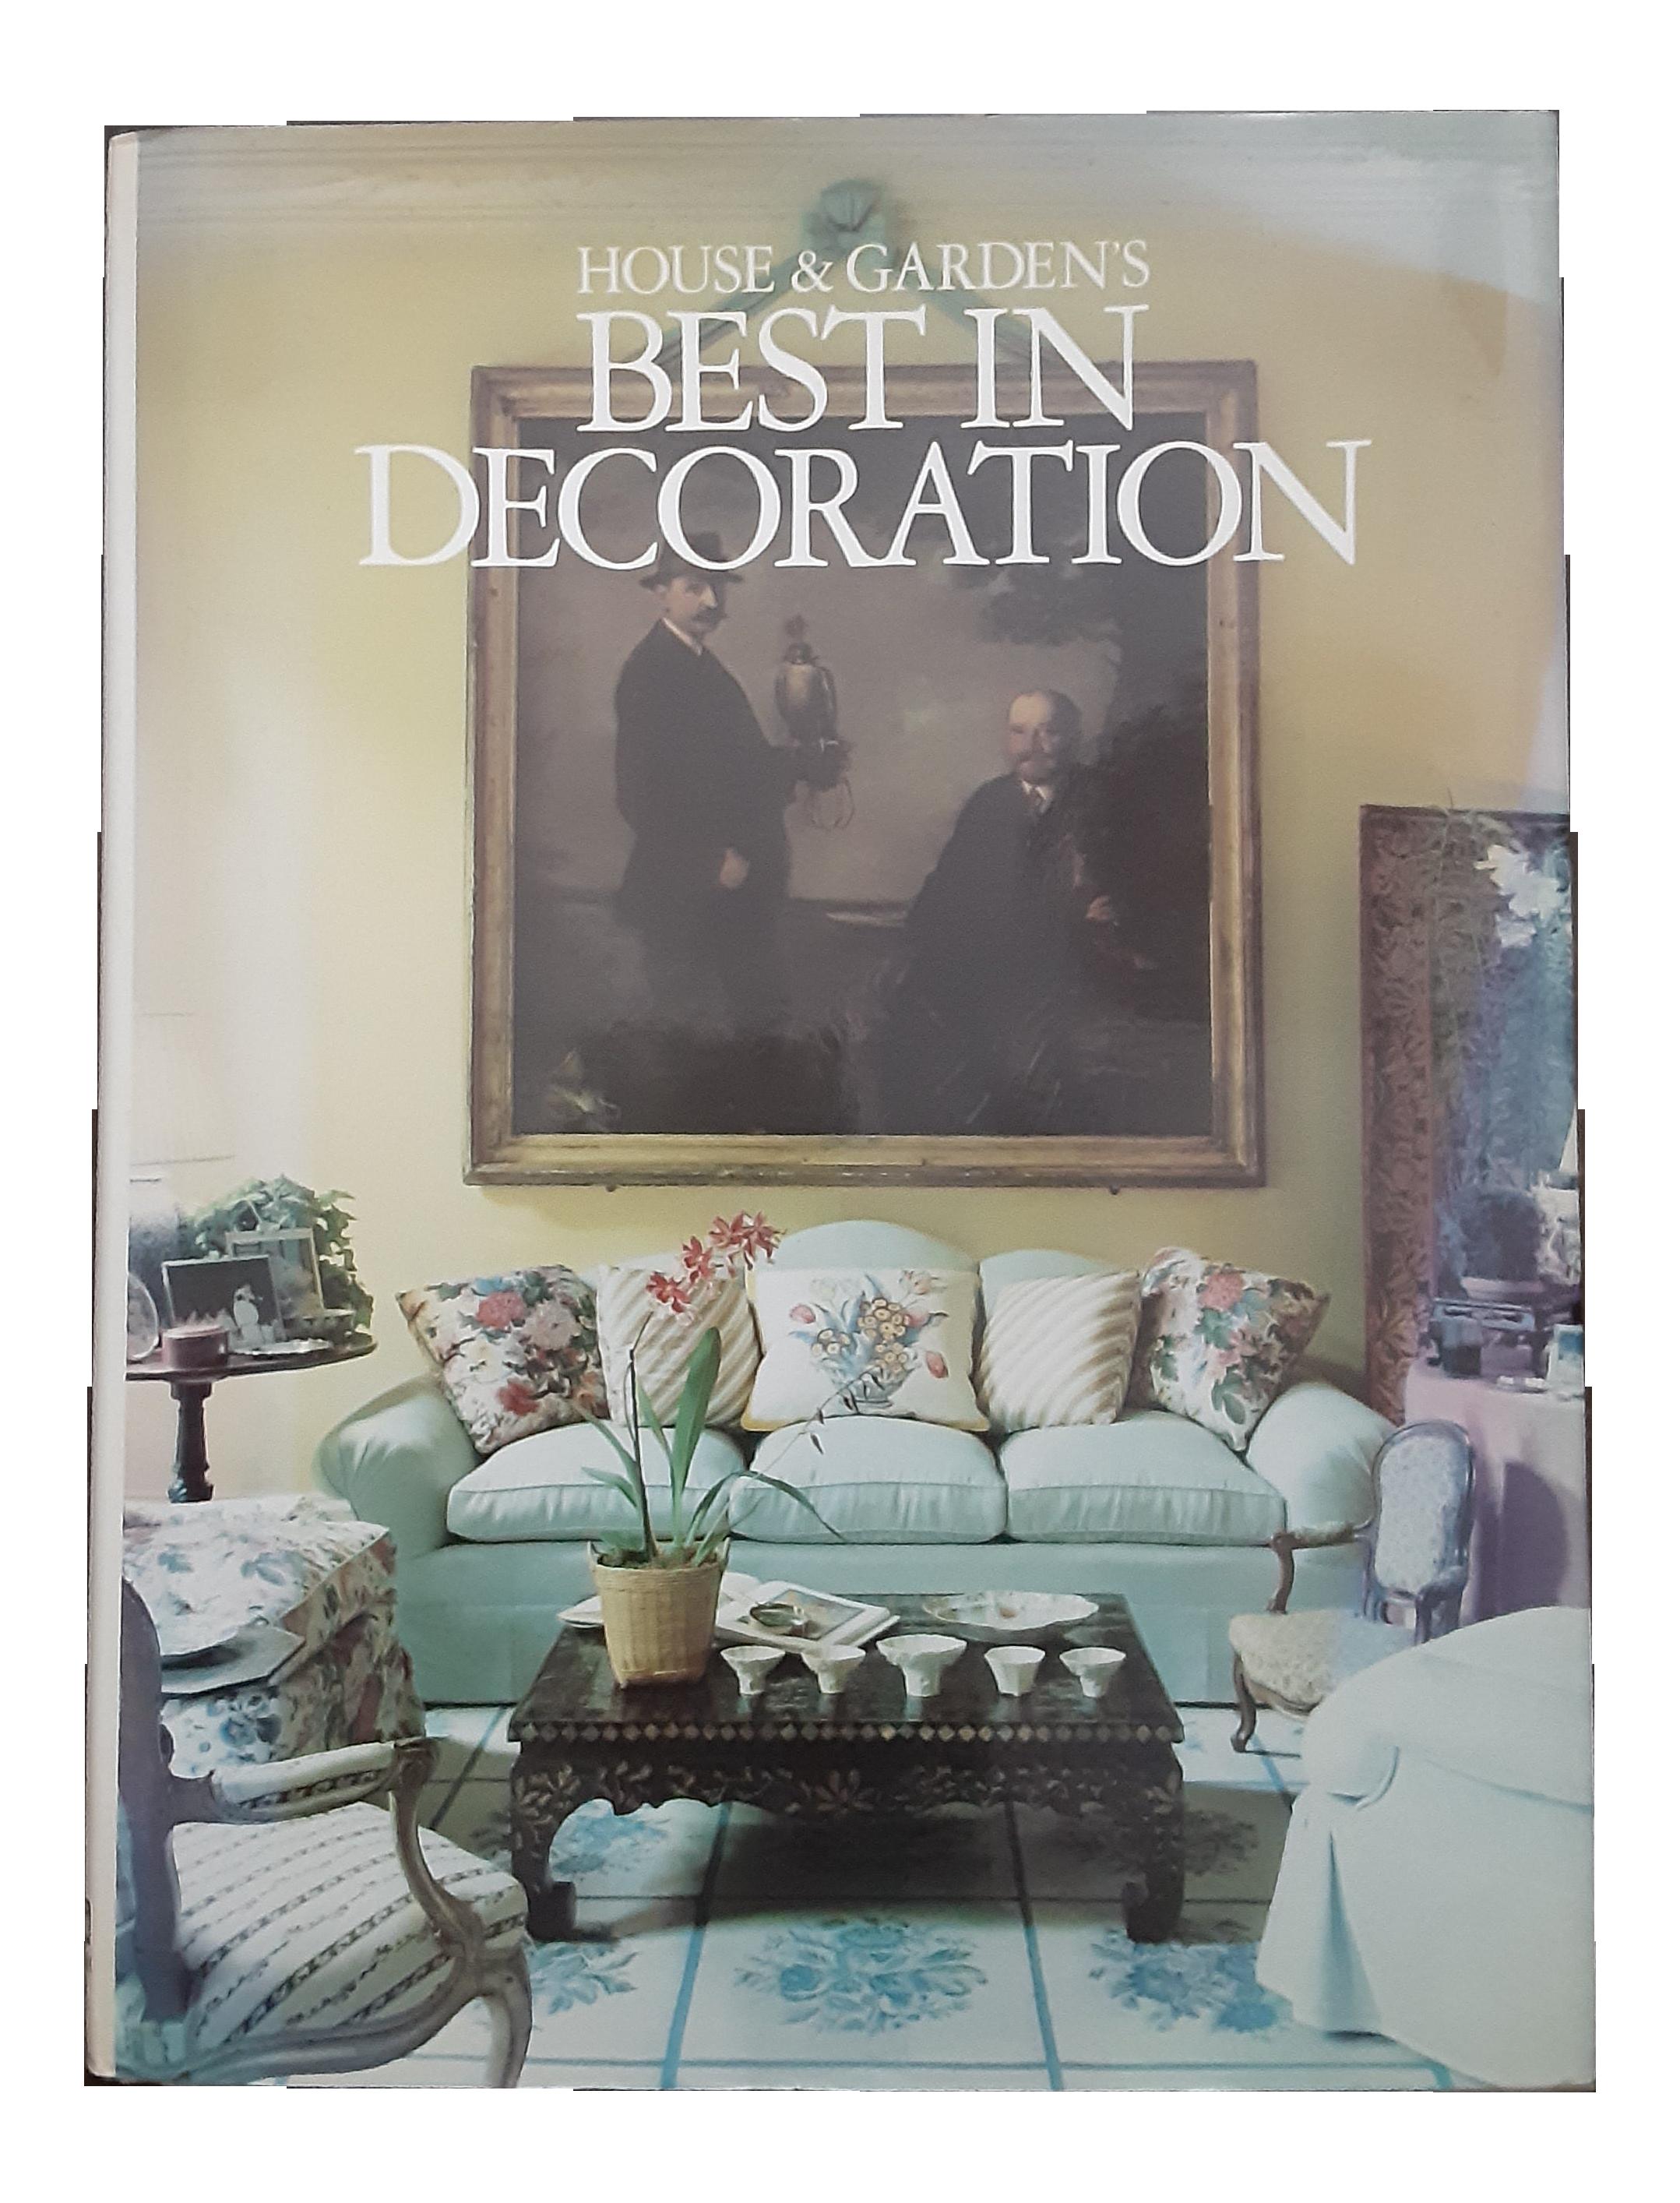 House And Garden Magazine Best In Decoration Interior Design